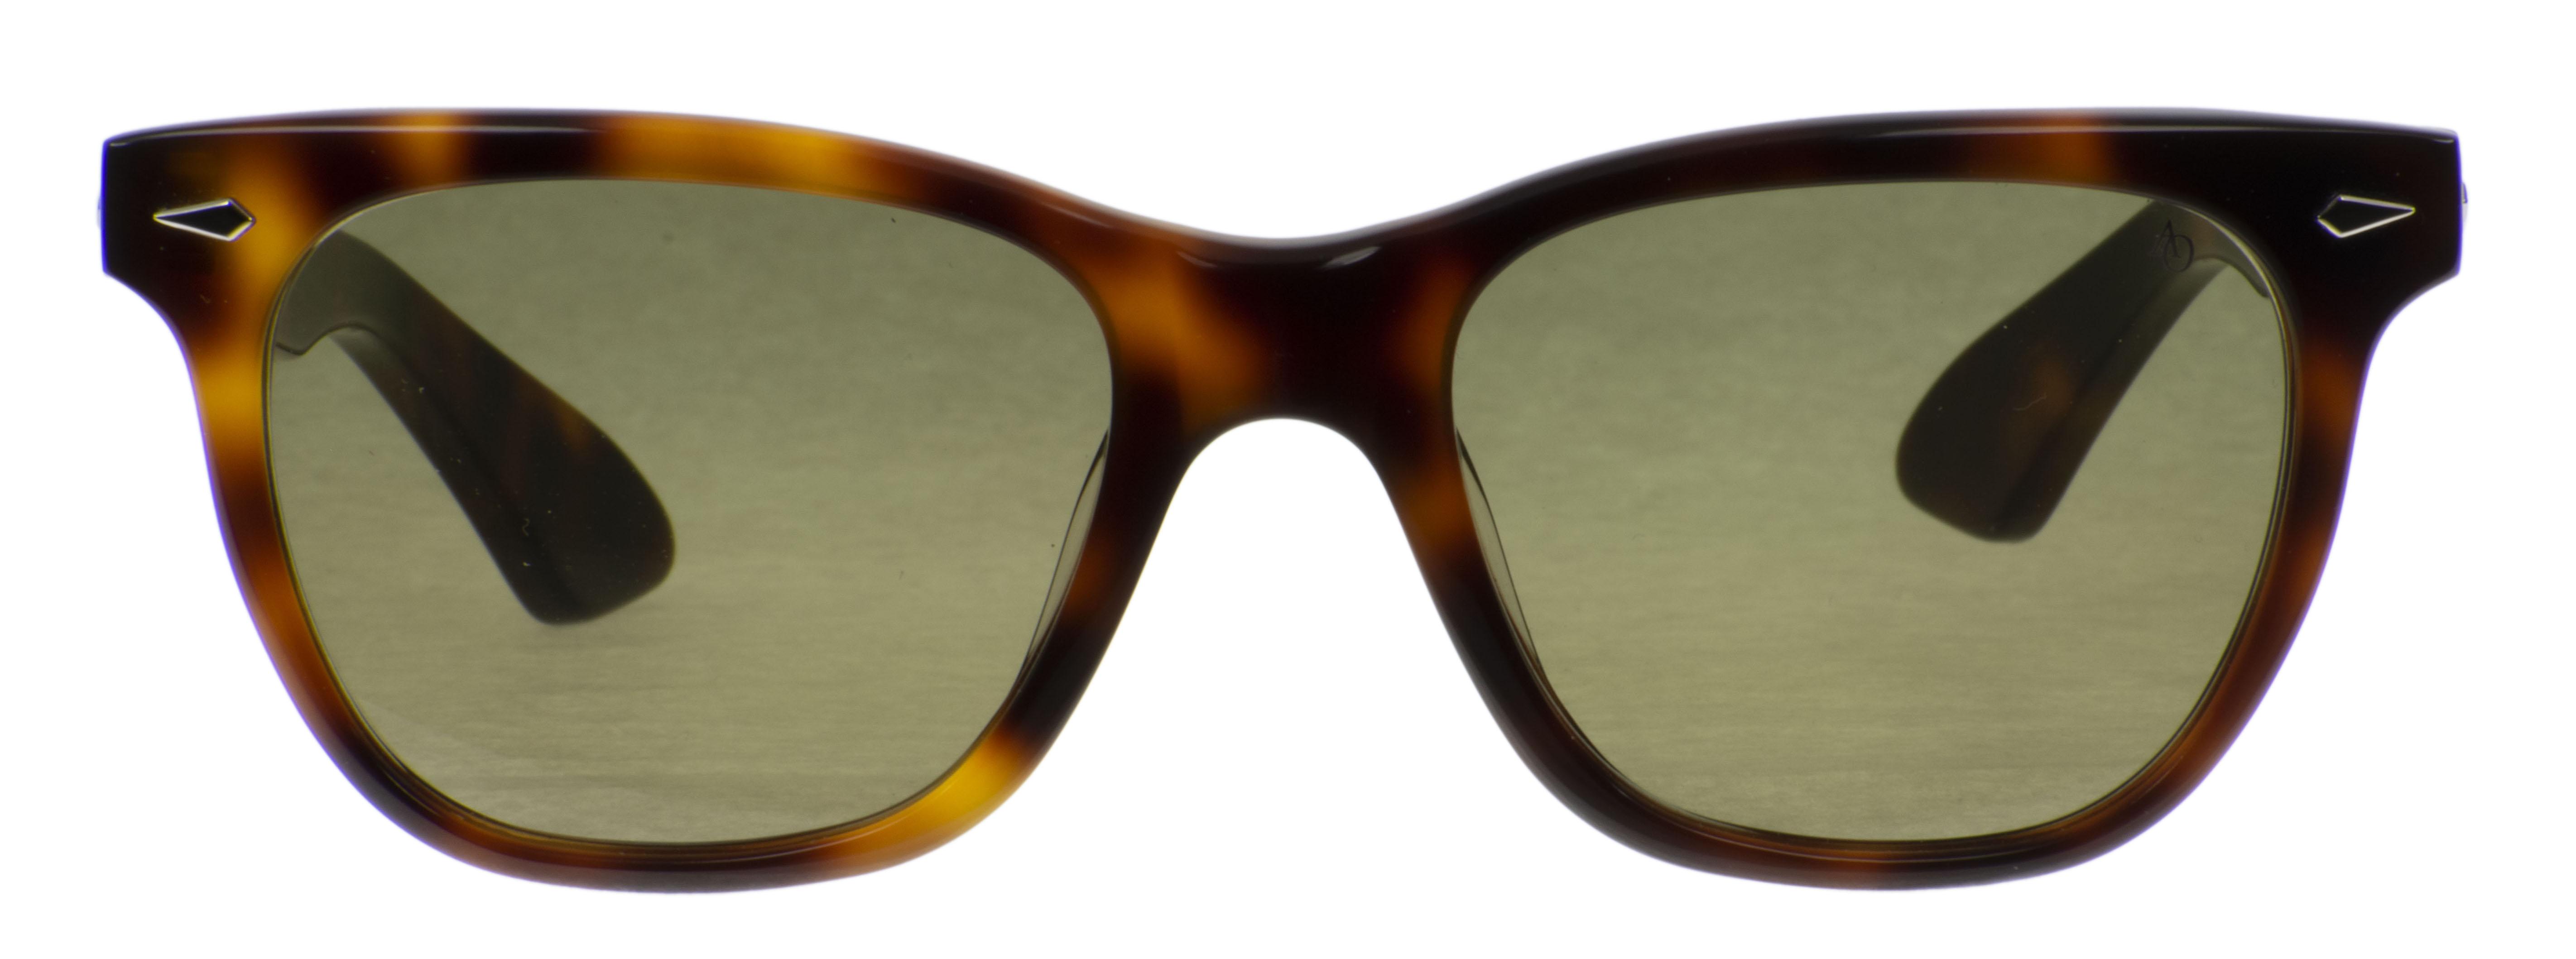 American Optical AO Saratoga 52 BK_GR(SUN) ¥32,000 01